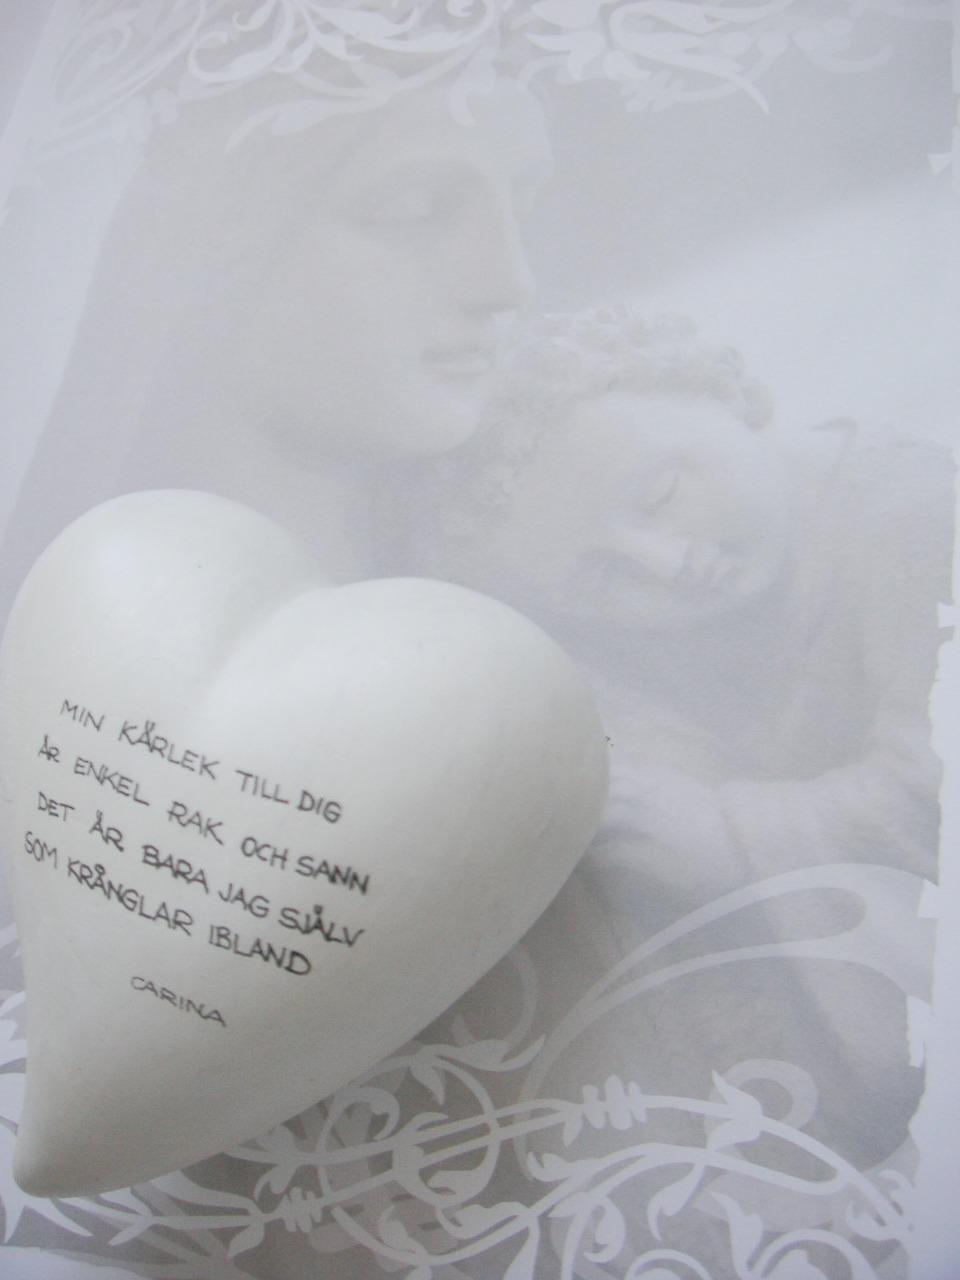 grattis på bröllopsdagen önskar Ängeln i vitt: Bröllopsdag grattis på bröllopsdagen önskar